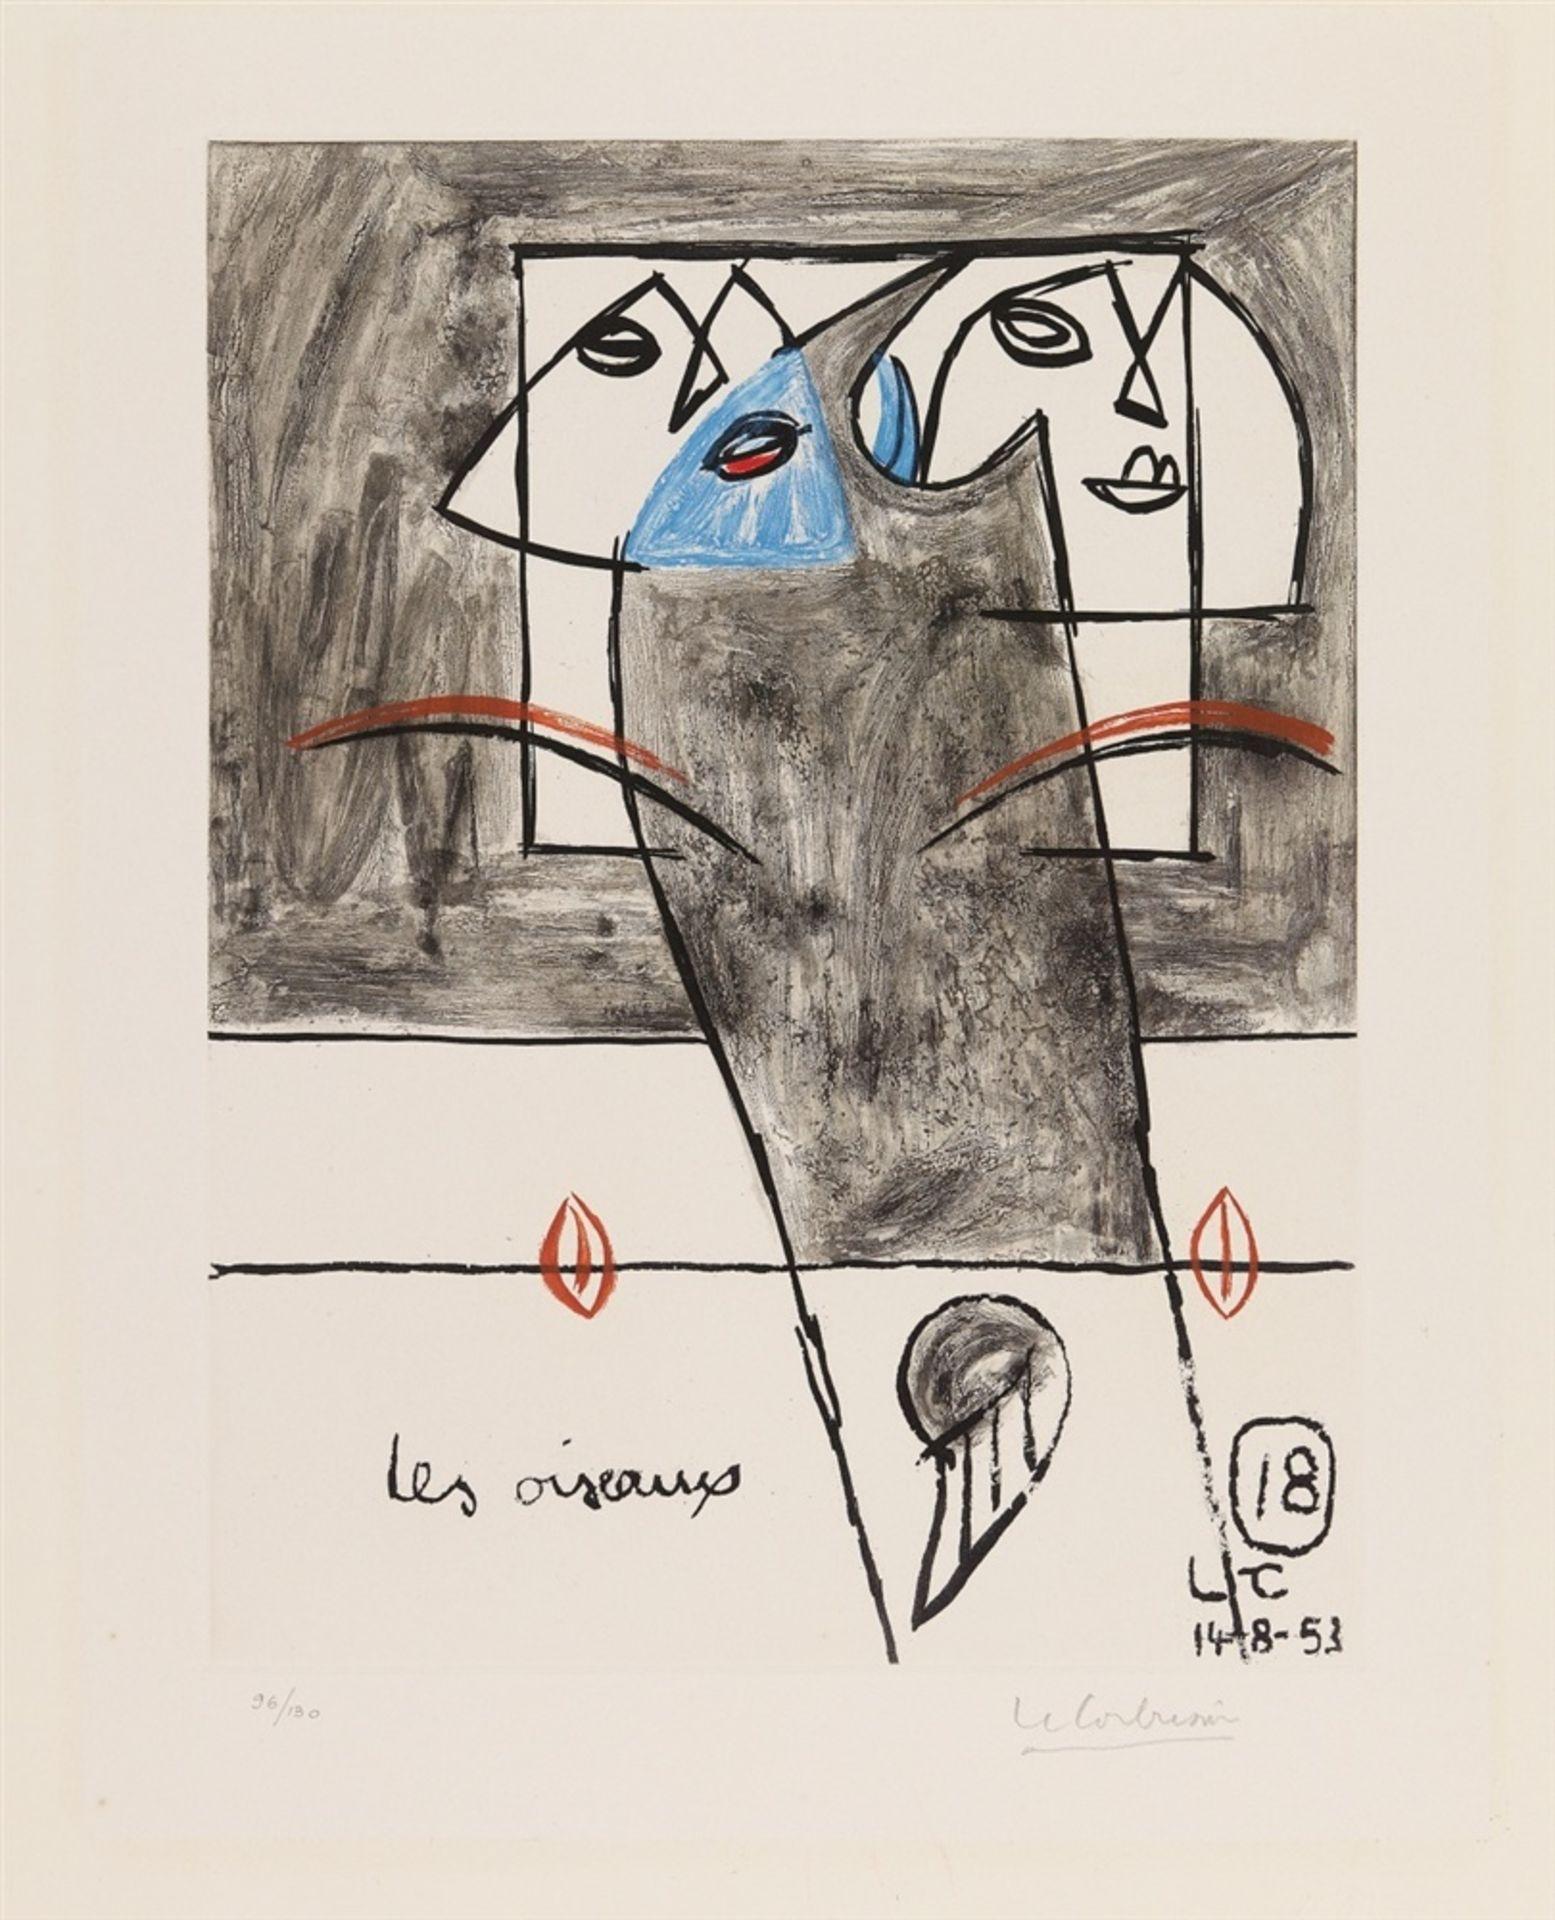 Le Corbusier (Charles-Édouard Jeanneret)Unité